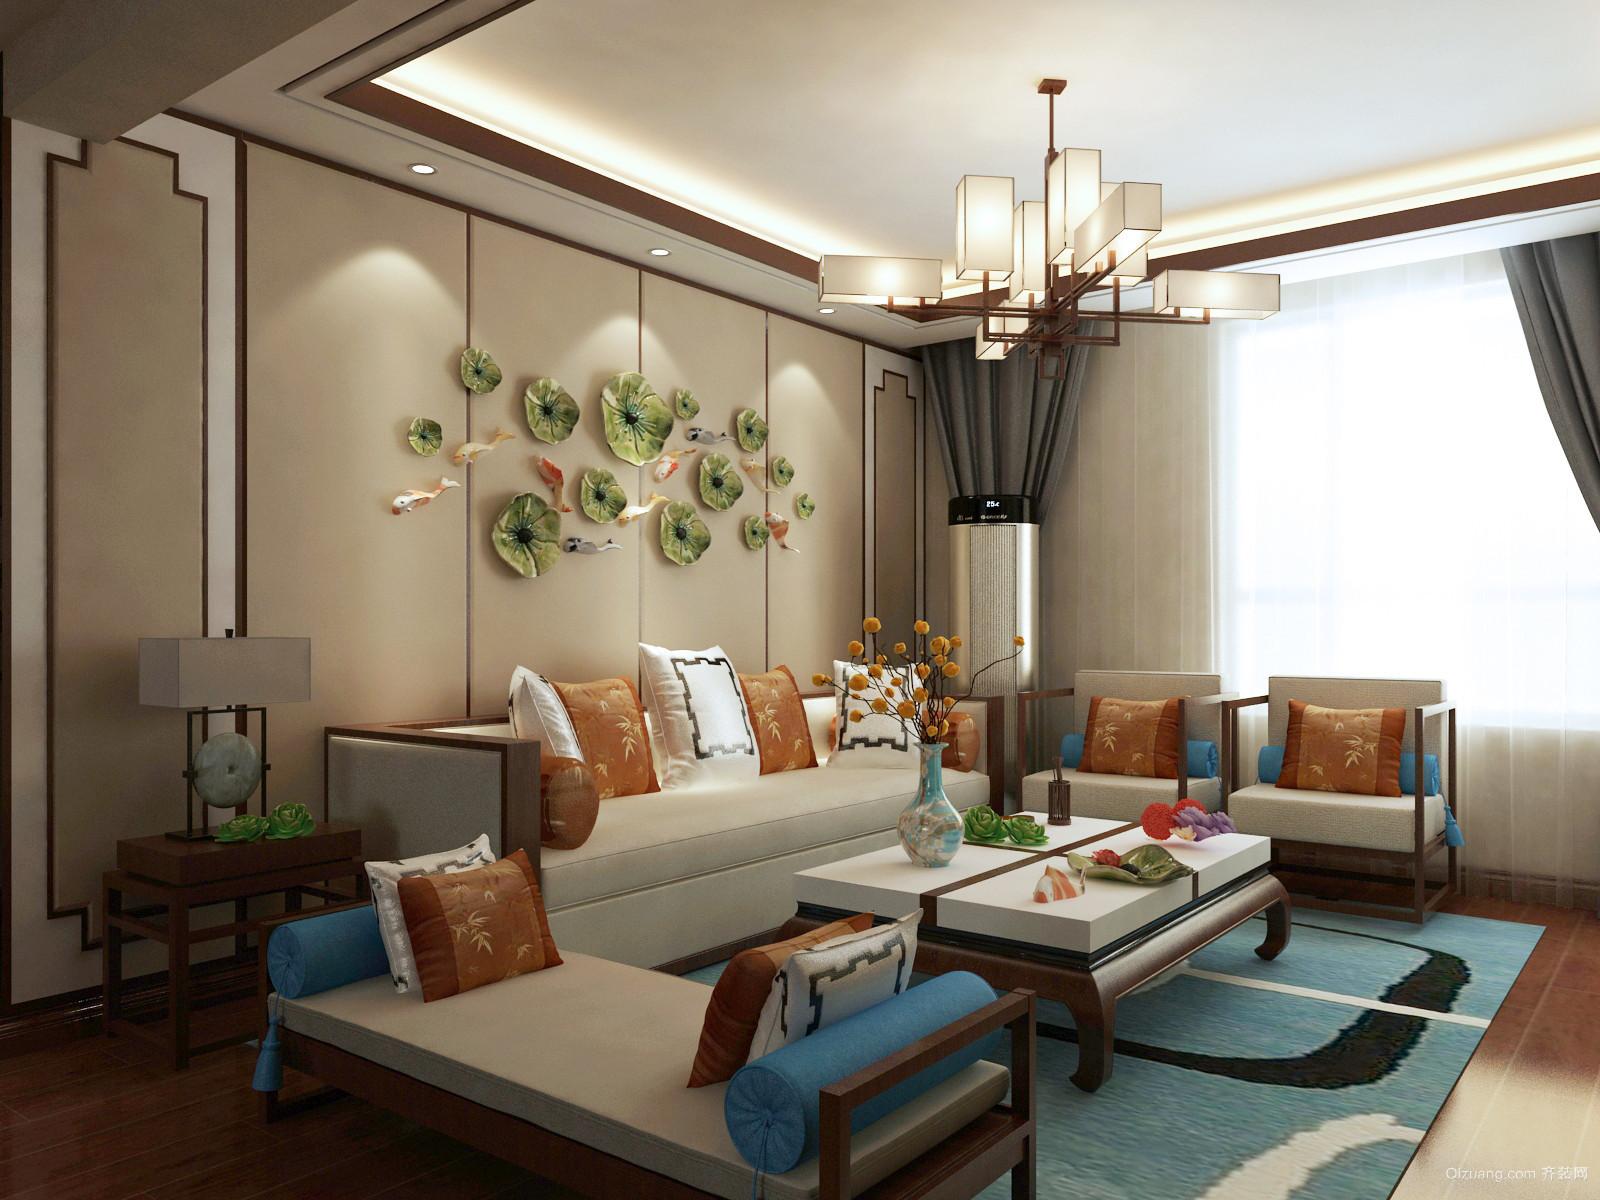 110平米普通户型中式家装图片装修风格v户型-邢黄河流域图设计图图片